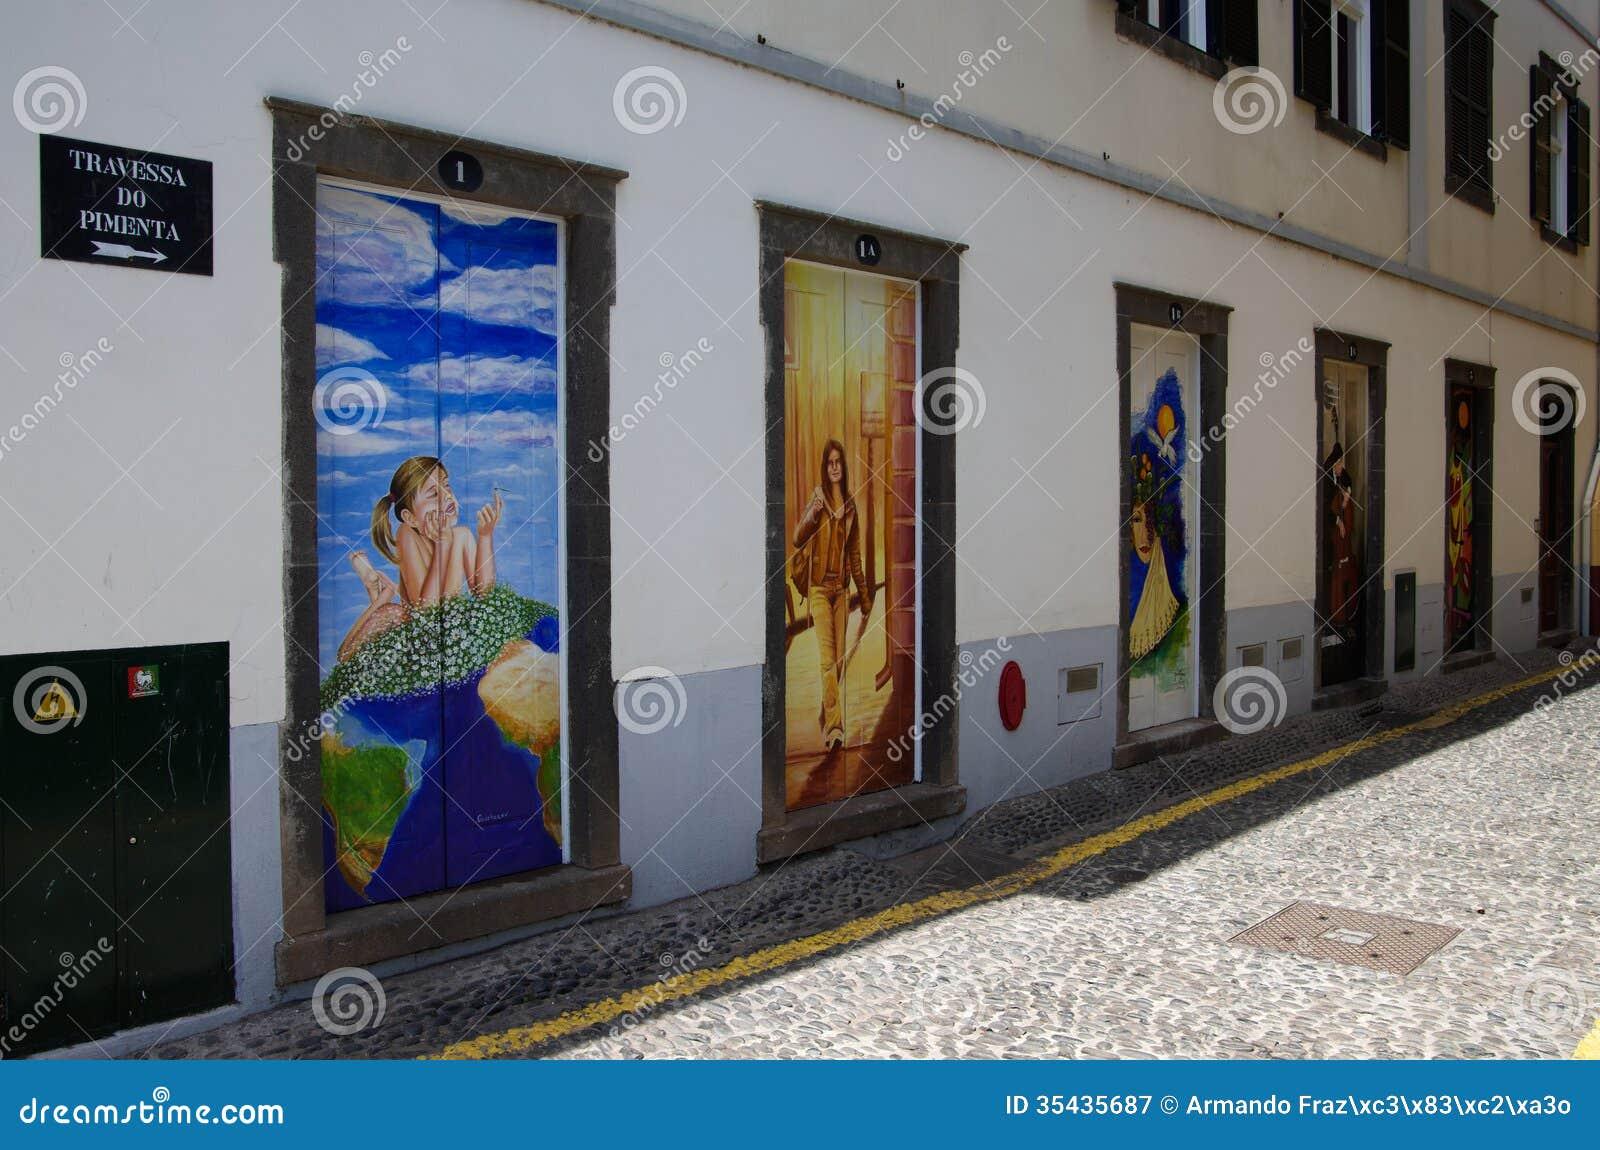 Street art - open door art - doors Royalty Free Stock Photography & Doors with street art editorial image. Image of portuguese - 68135220